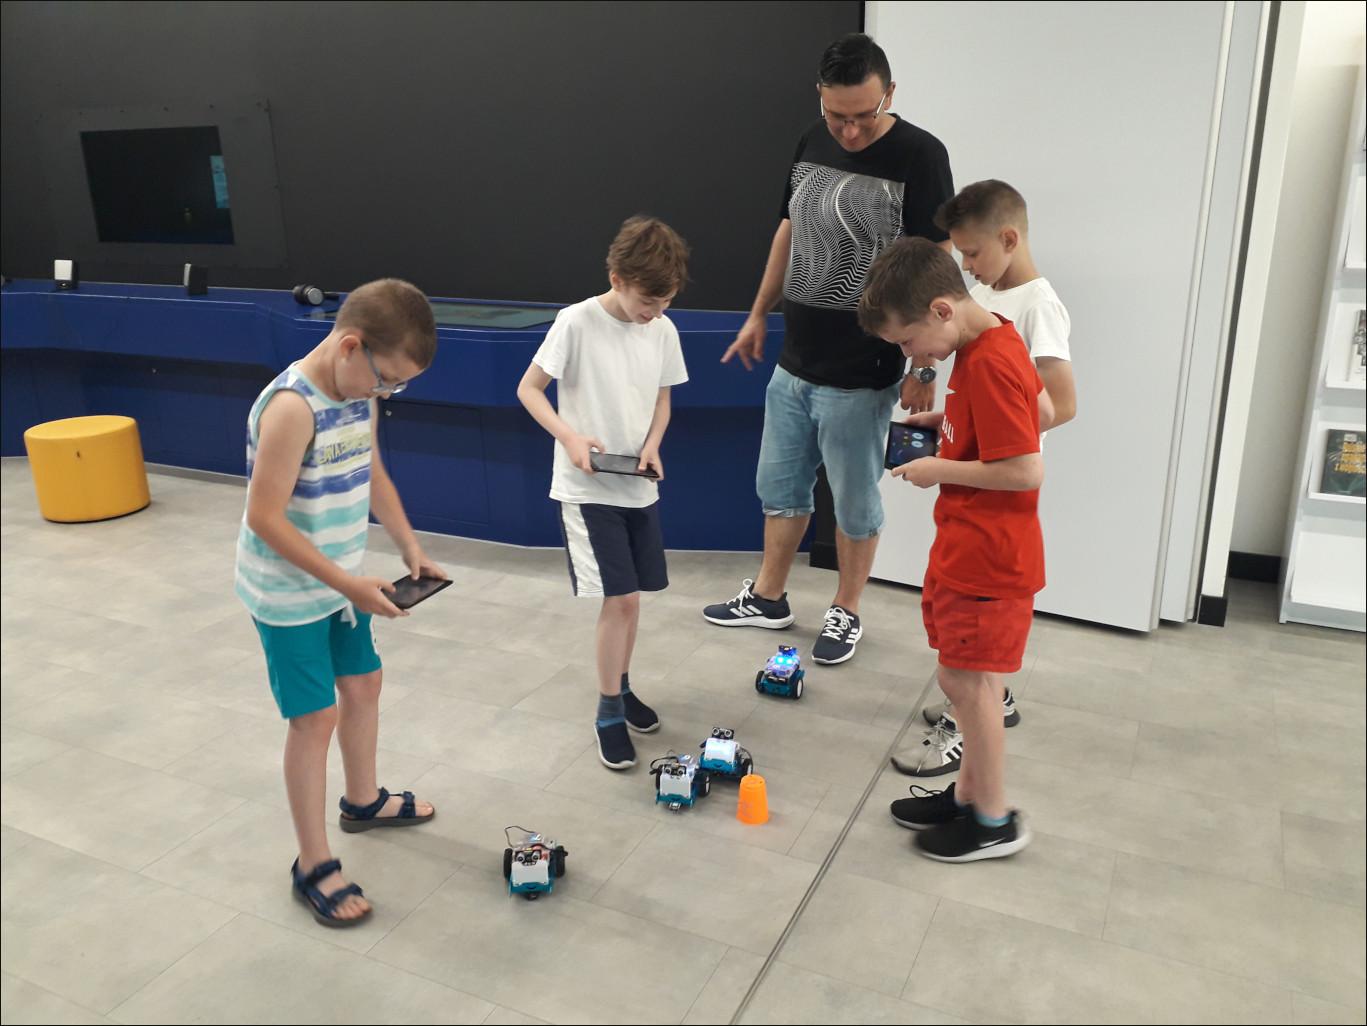 Przeglądasz zdjęcia z artykułu: Akademia Młodego Programisty - warsztaty z programowania - 05.06.2019